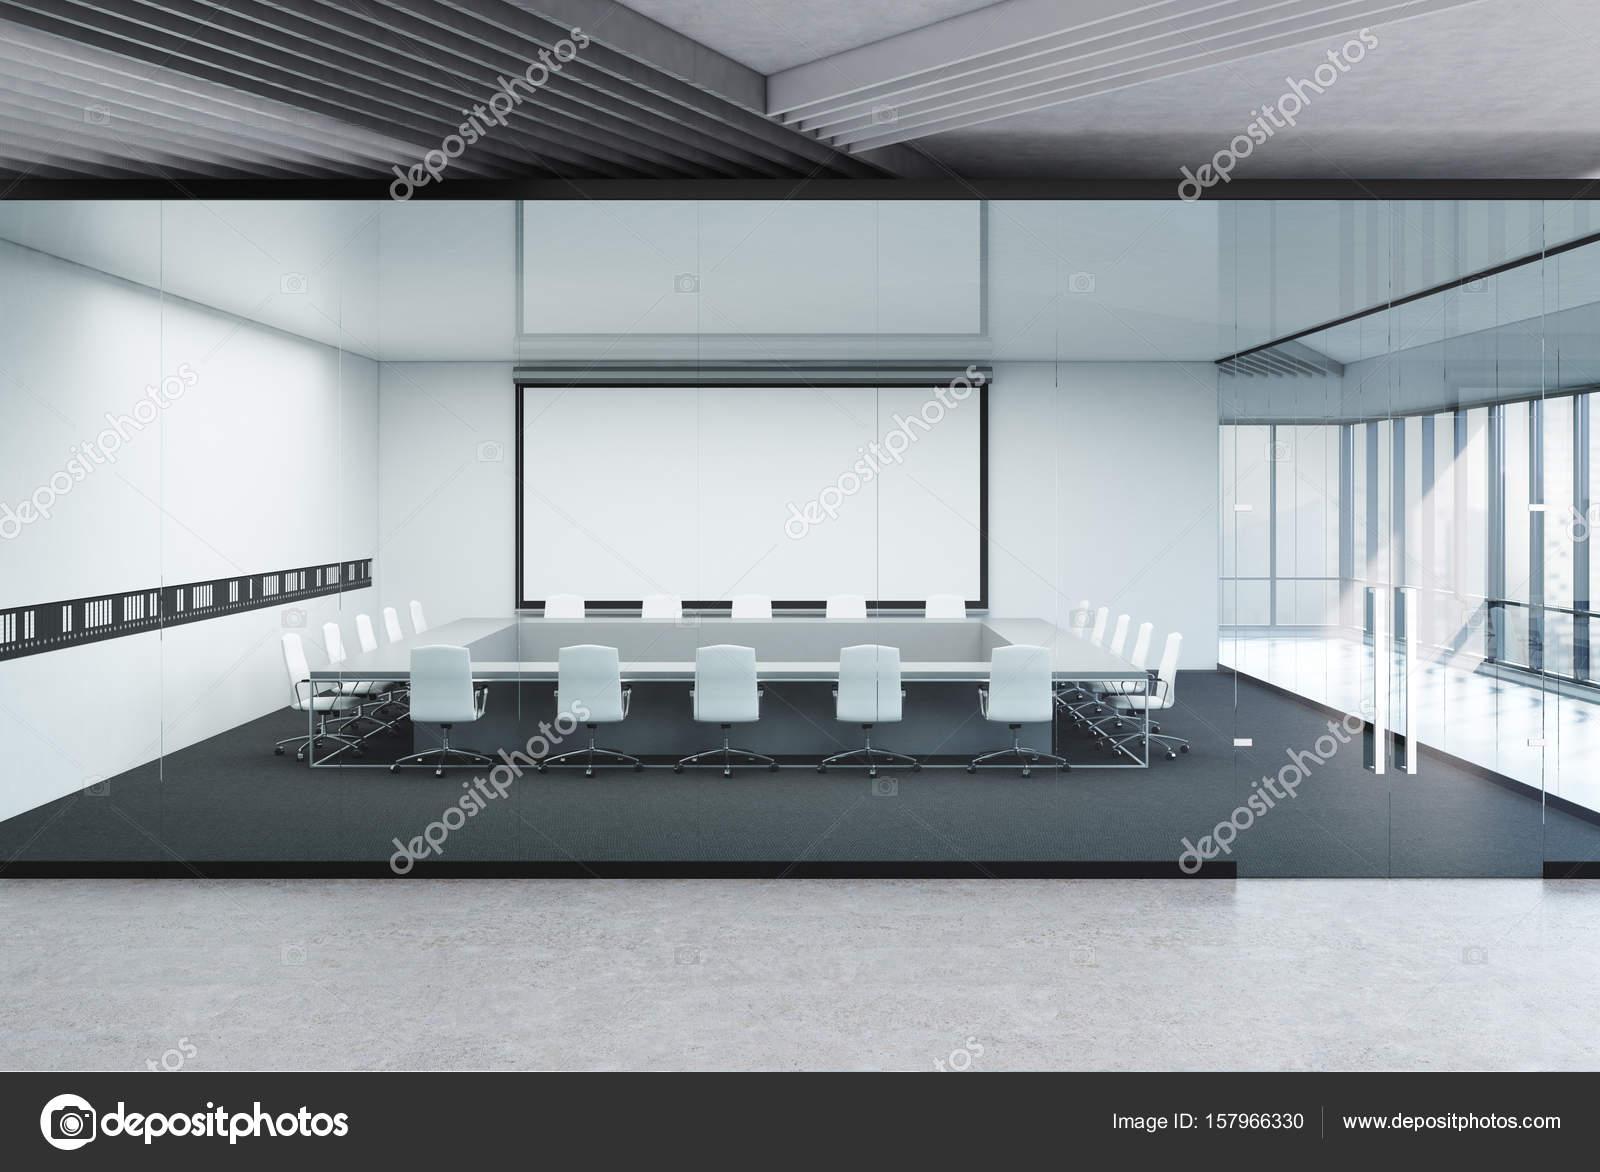 Slaapkamer Betonnen Vloer : Donkere betonvloer in moderne loft fotospecial polybeton